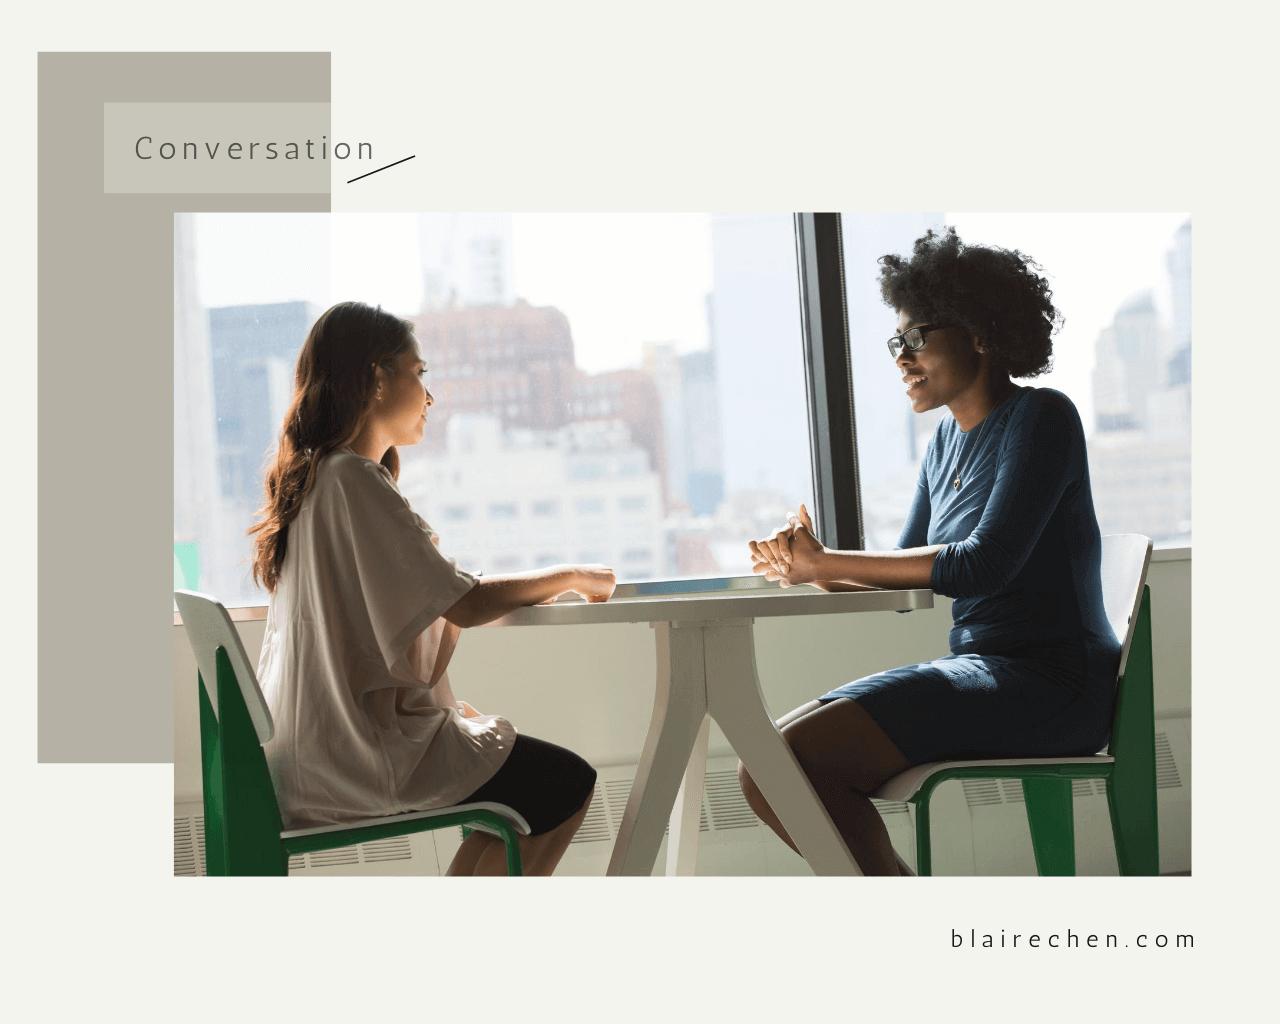 遇到社交場合就尷尬癌發作?5 個聊天小技巧,讓你更輕鬆自在面對陌生人!